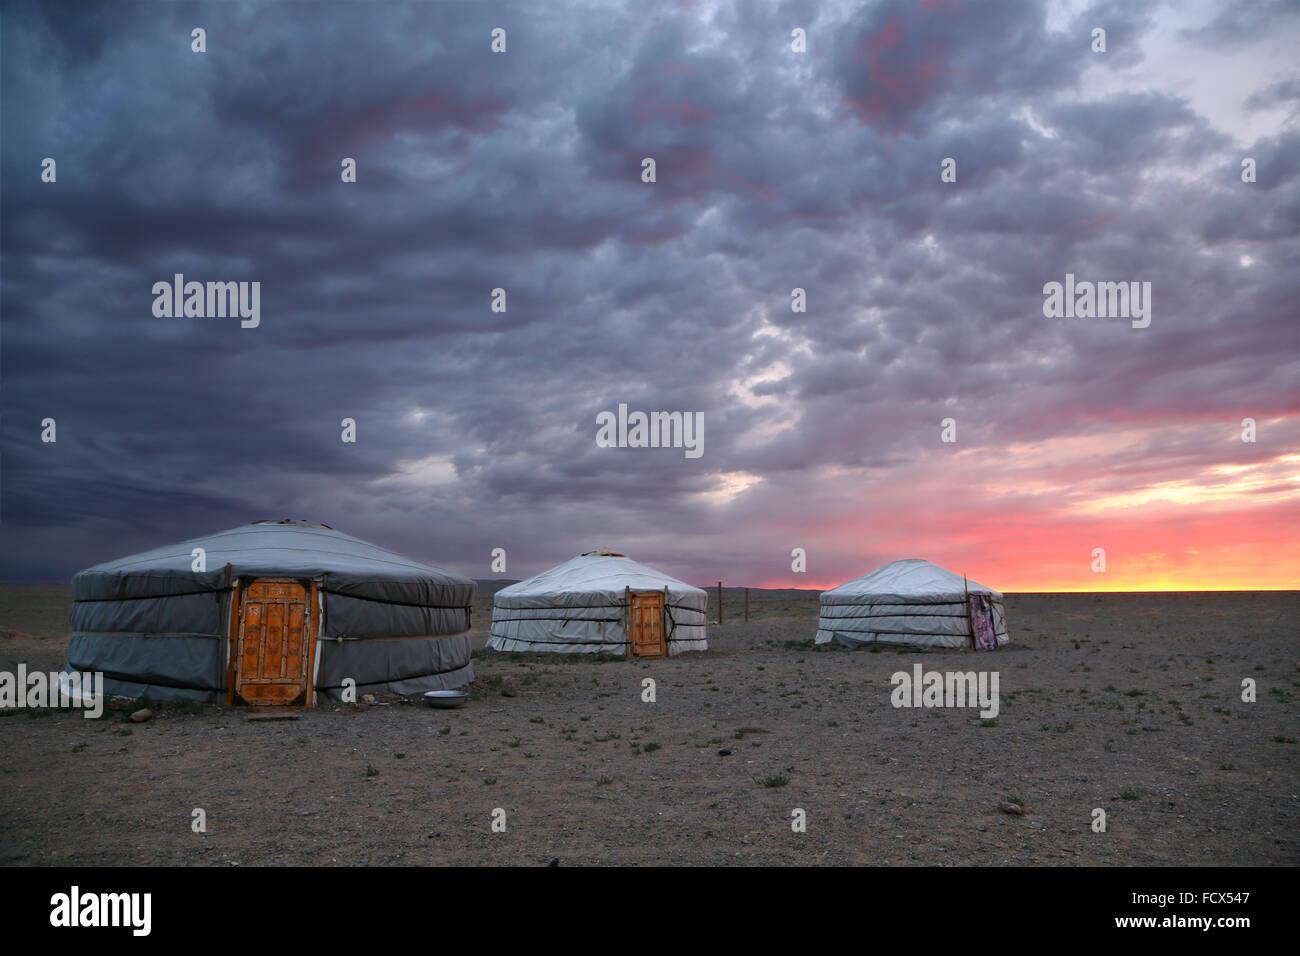 Sonnenaufgang und traditionellen Jurten in der Wüste Gobi - Mongolei Stockbild